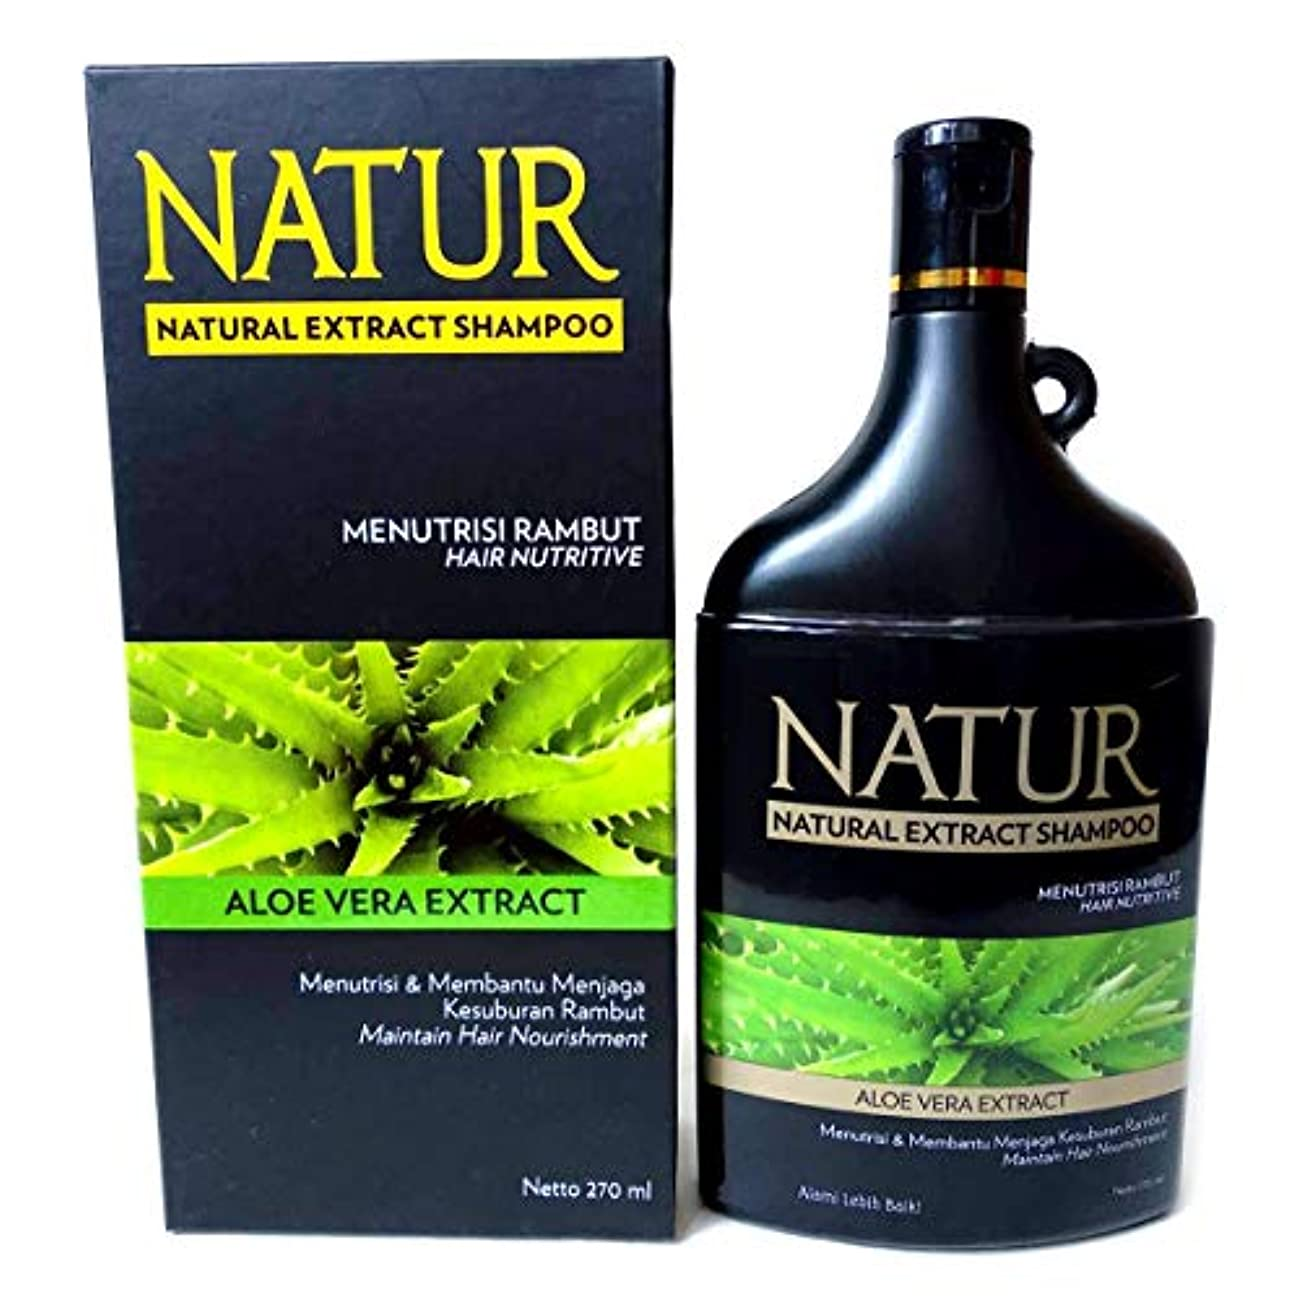 差別的悪性腫瘍聞きますNATUR ナトゥール 天然植物エキス配合 ハーバルシャンプー 270ml Aloe vera アロエベラ [海外直商品]